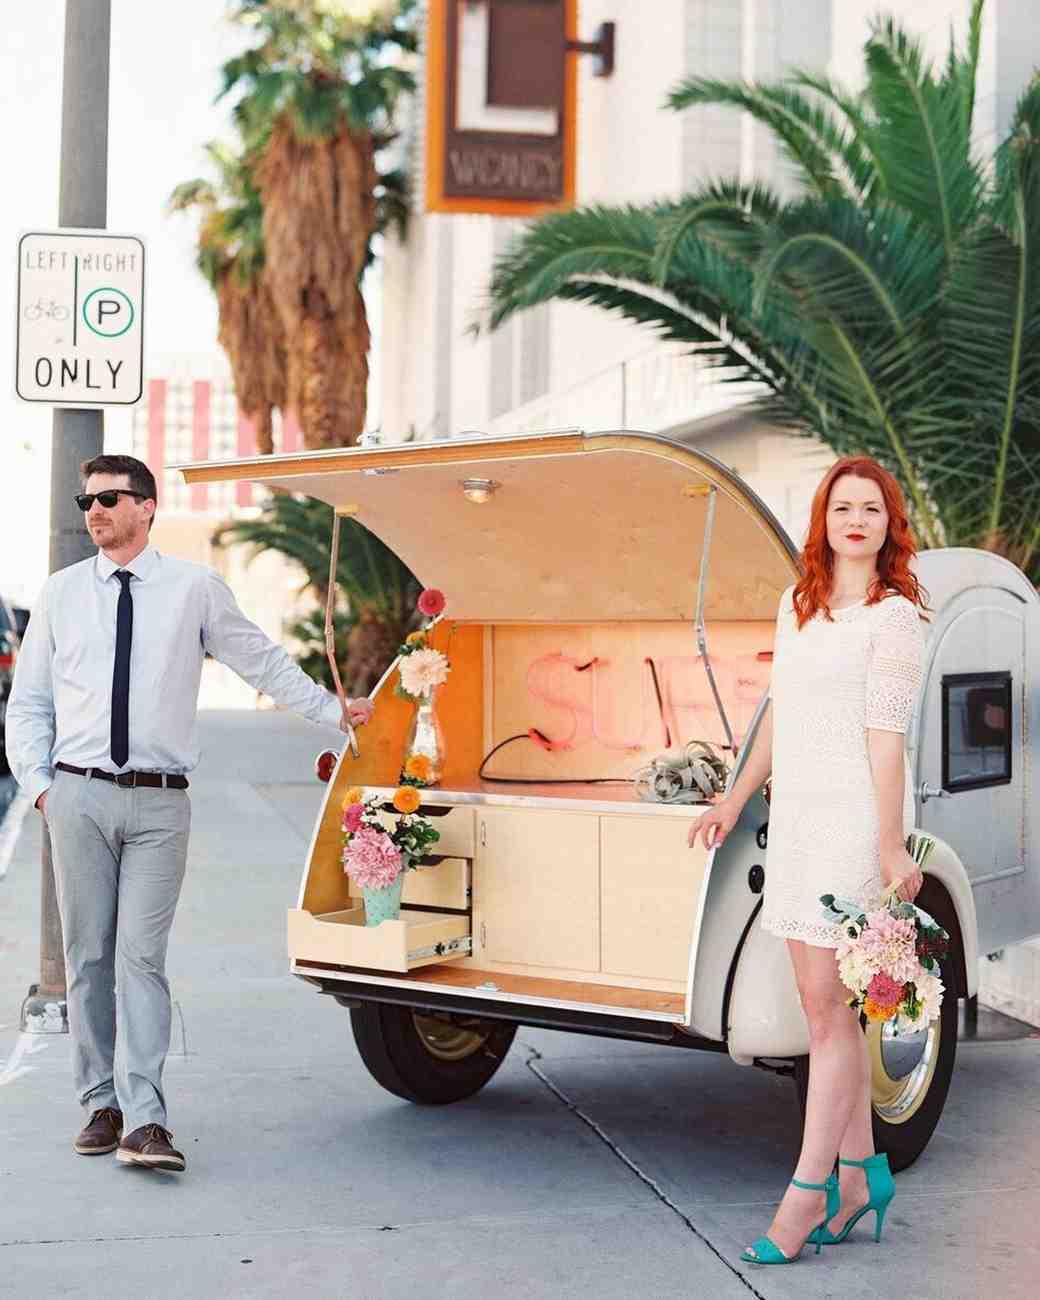 short wedding dress turquoise shoes couple